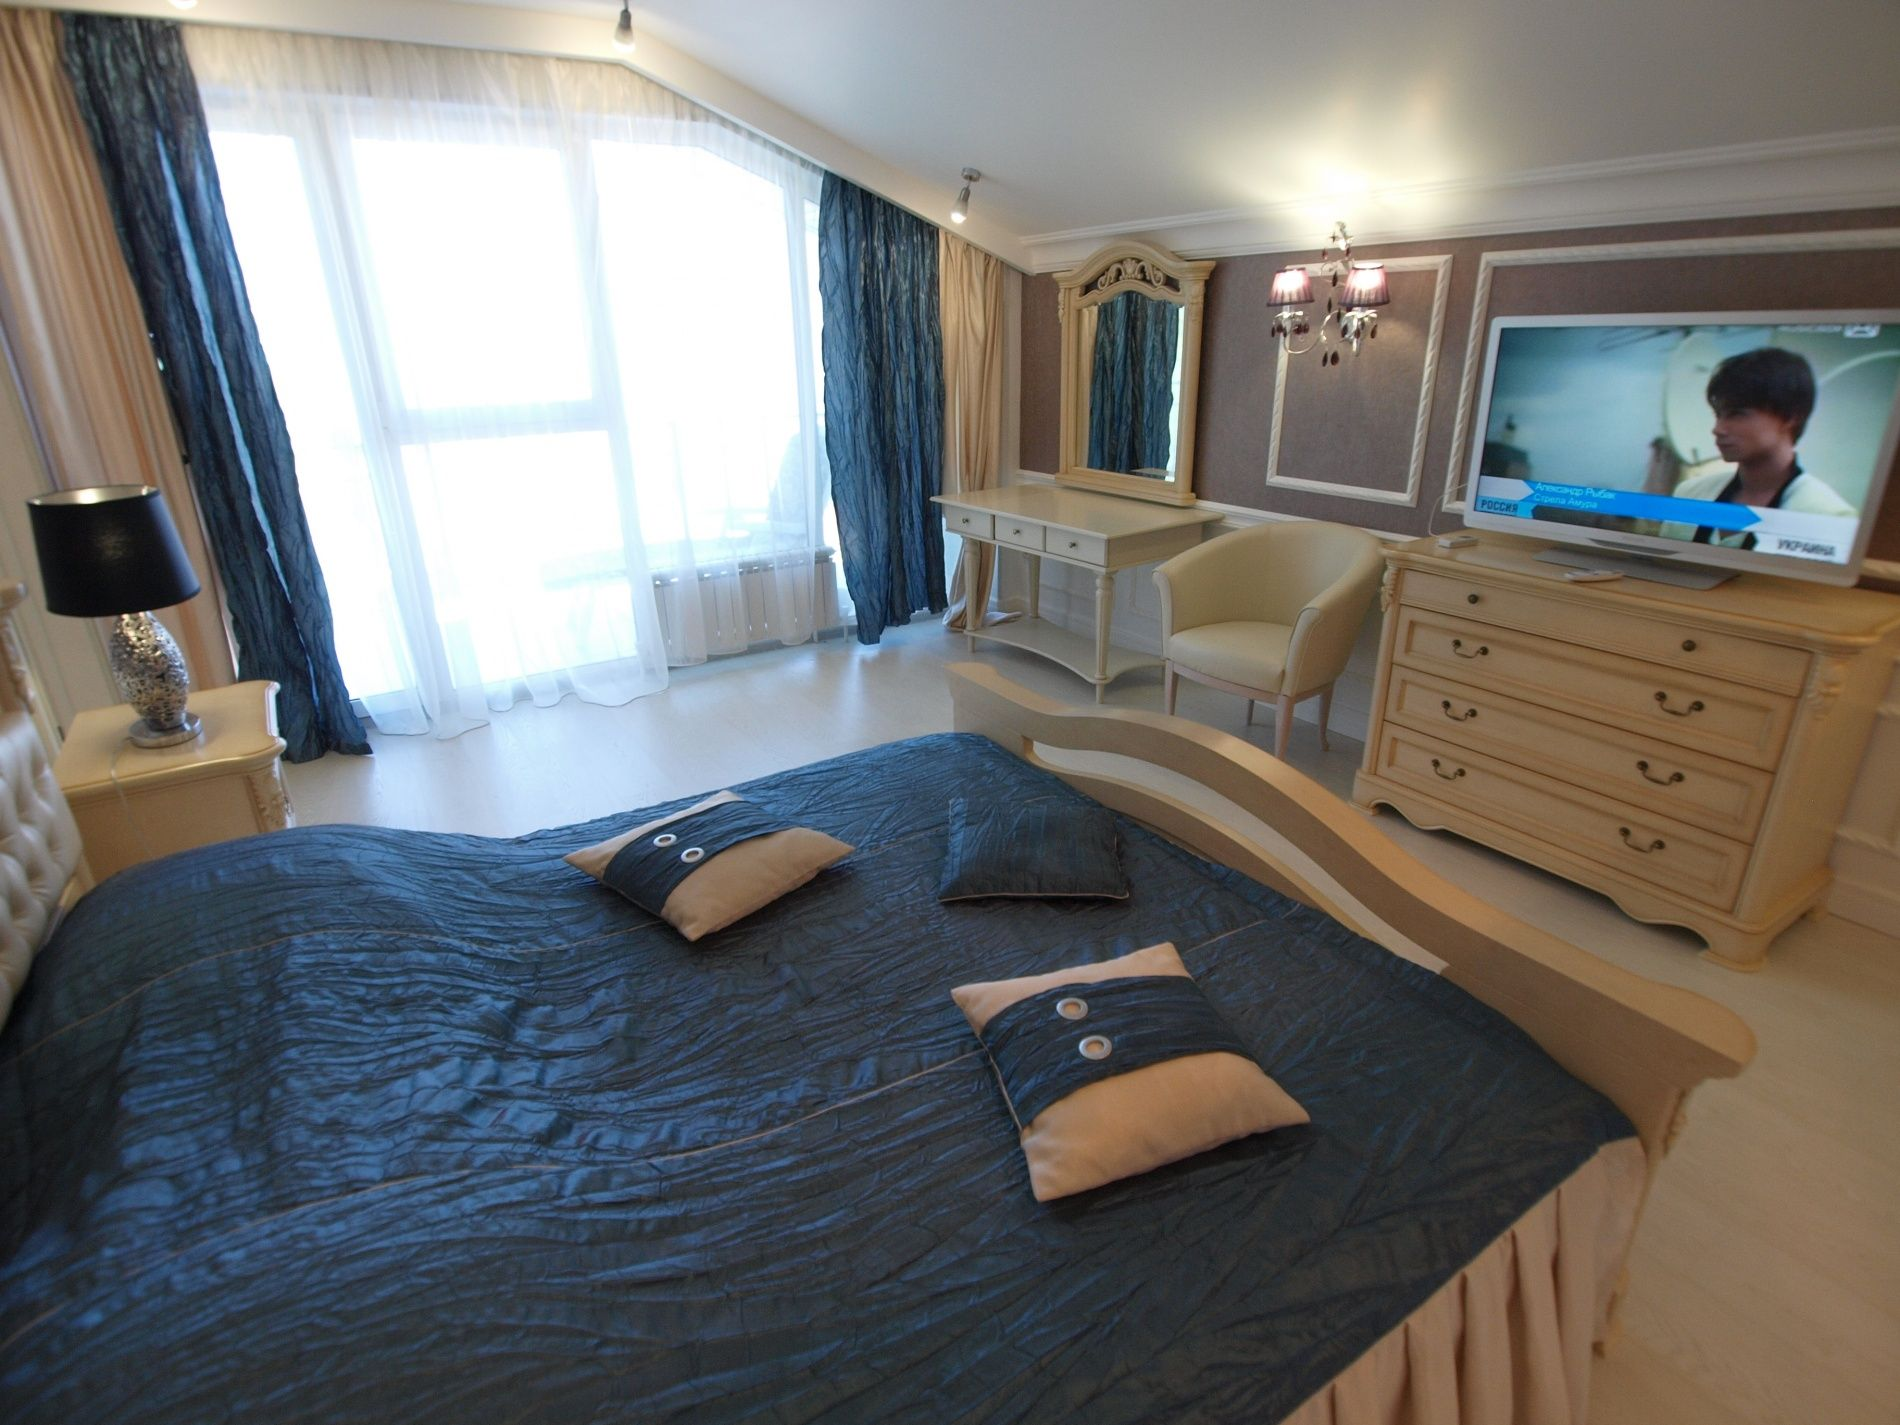 Туристический комплекс «Мирная Пристань» Ивановская область 1-комнатные номера эконом-класса (№ 20, 21, 22), фото 3